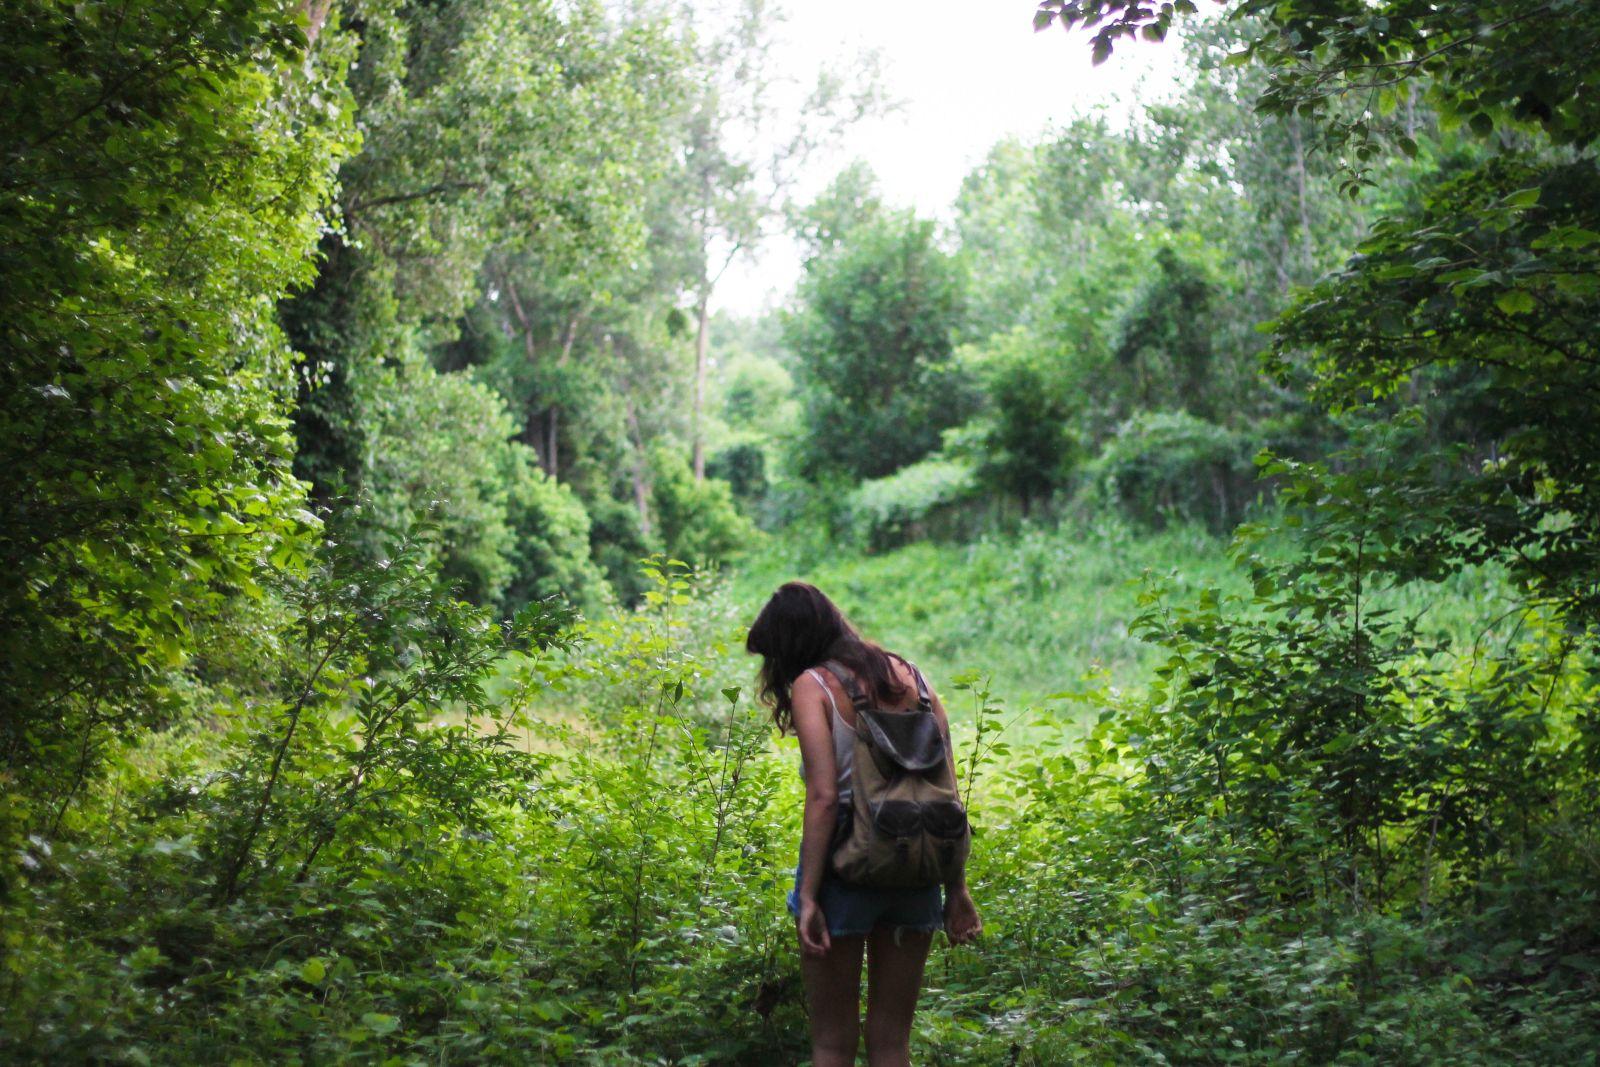 Junge Frau mitten im Wald an einer Lichtung schaut zu Boden